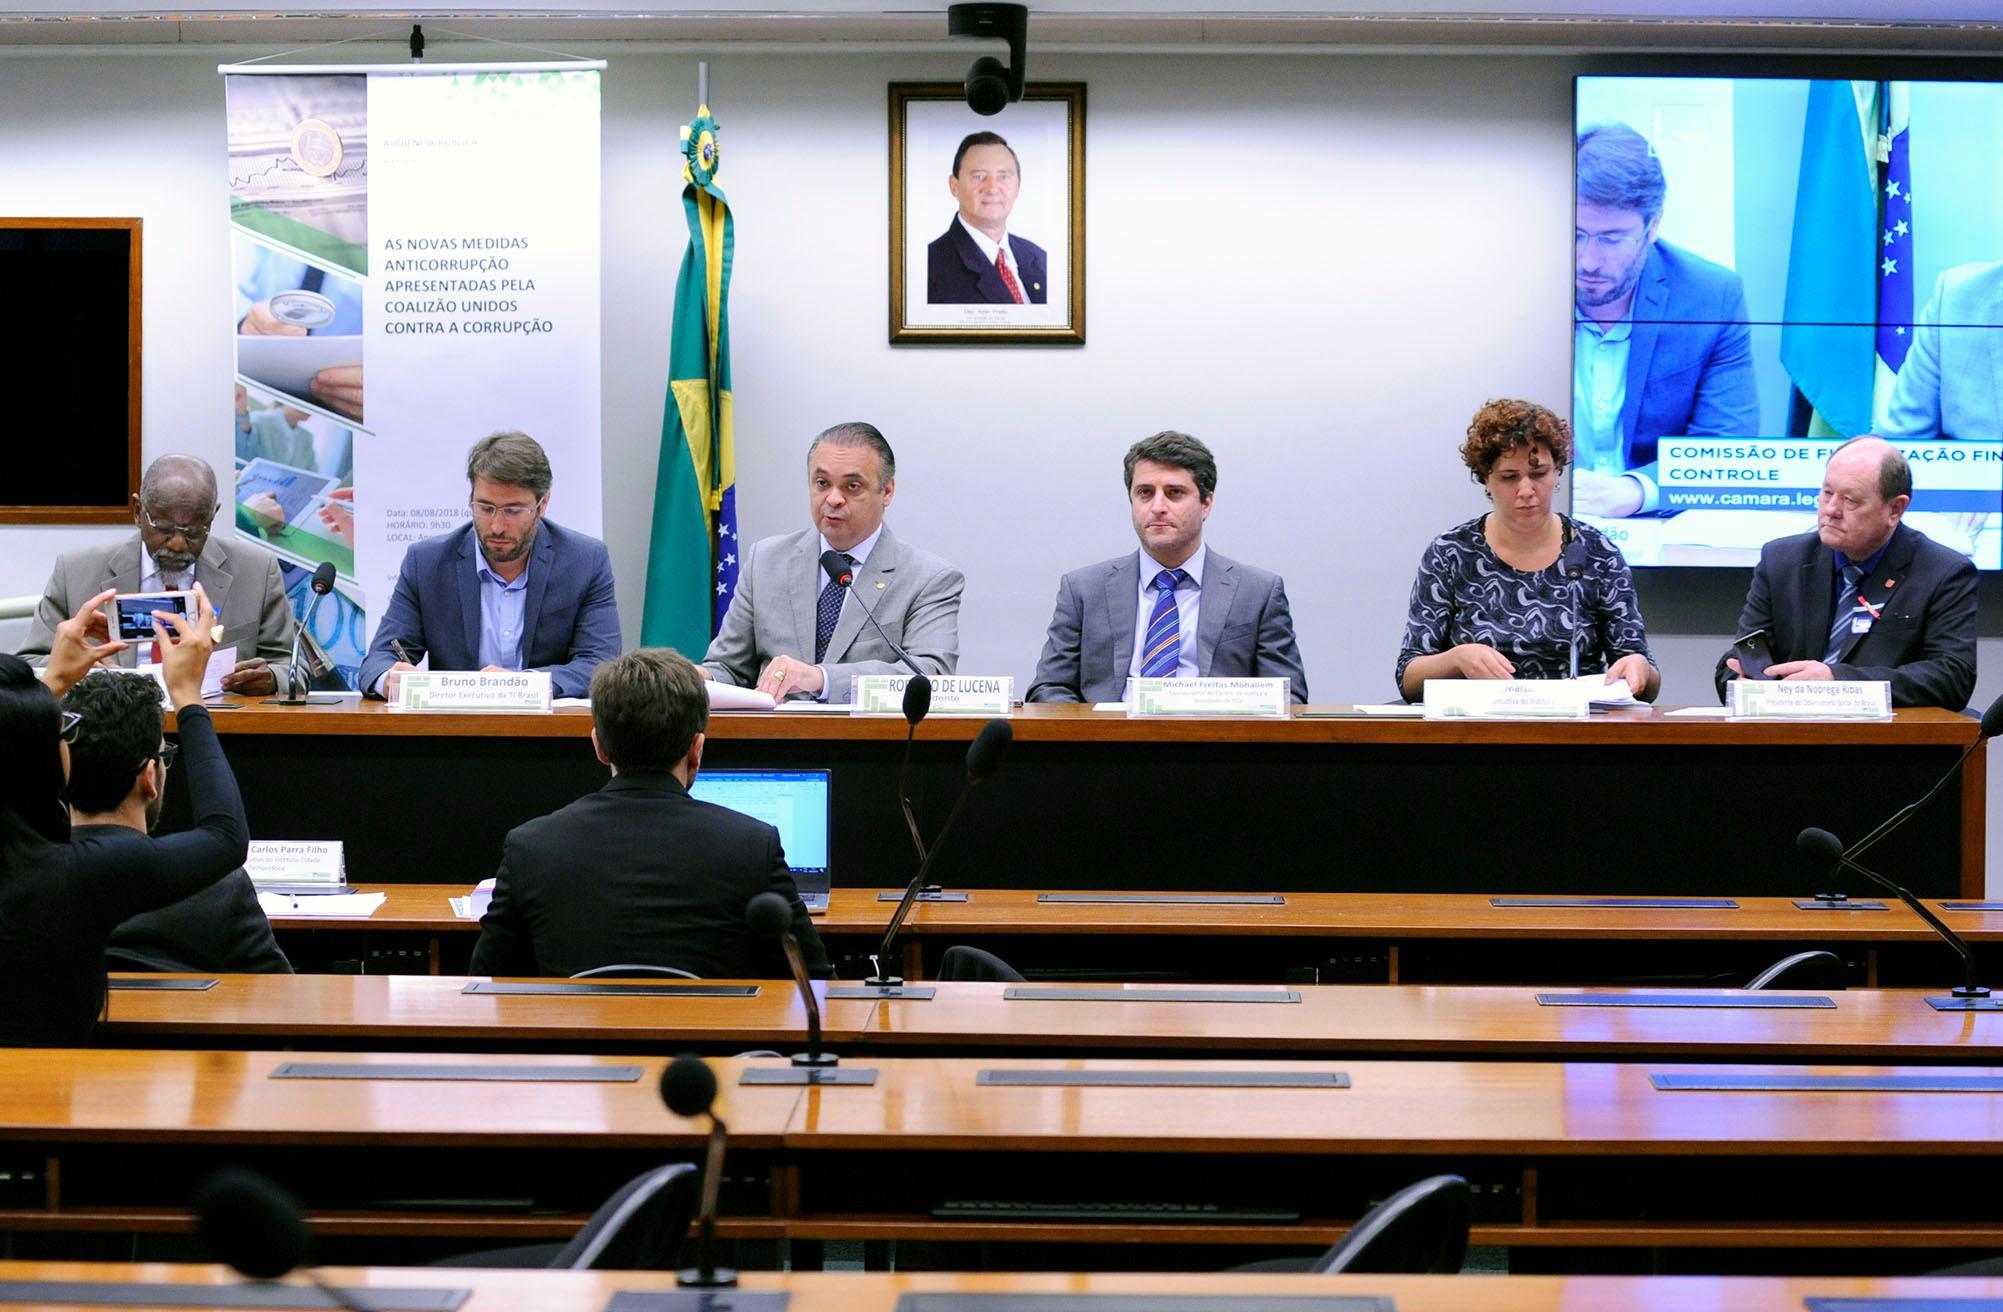 Audiência pública sobre o novo pacote de medidas anticorrupção apresentado pela Transparência Internacional Brasil